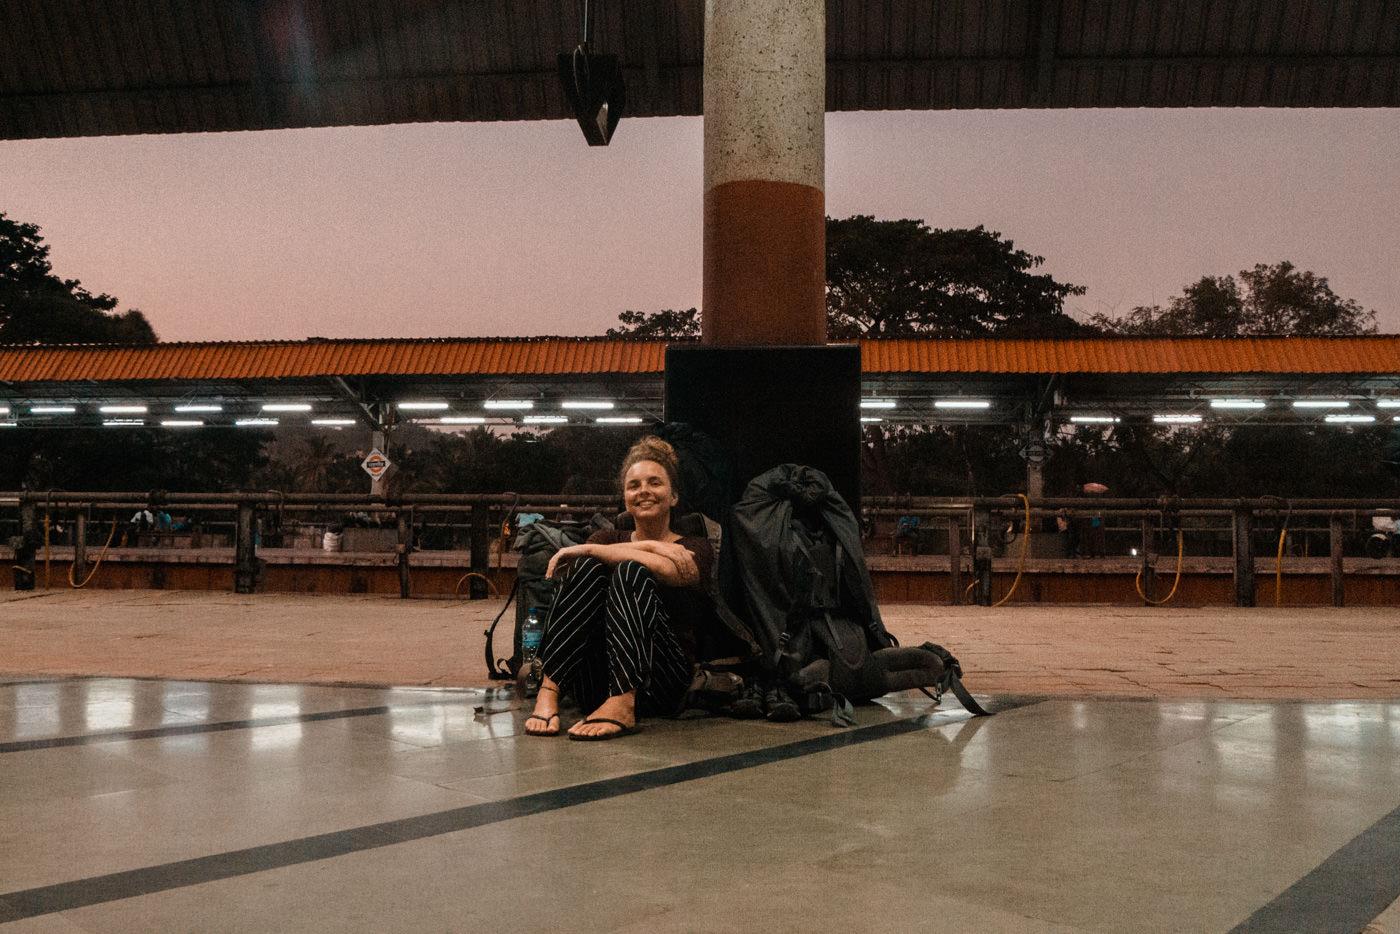 Julia am Bahnhof von Margao in Goa